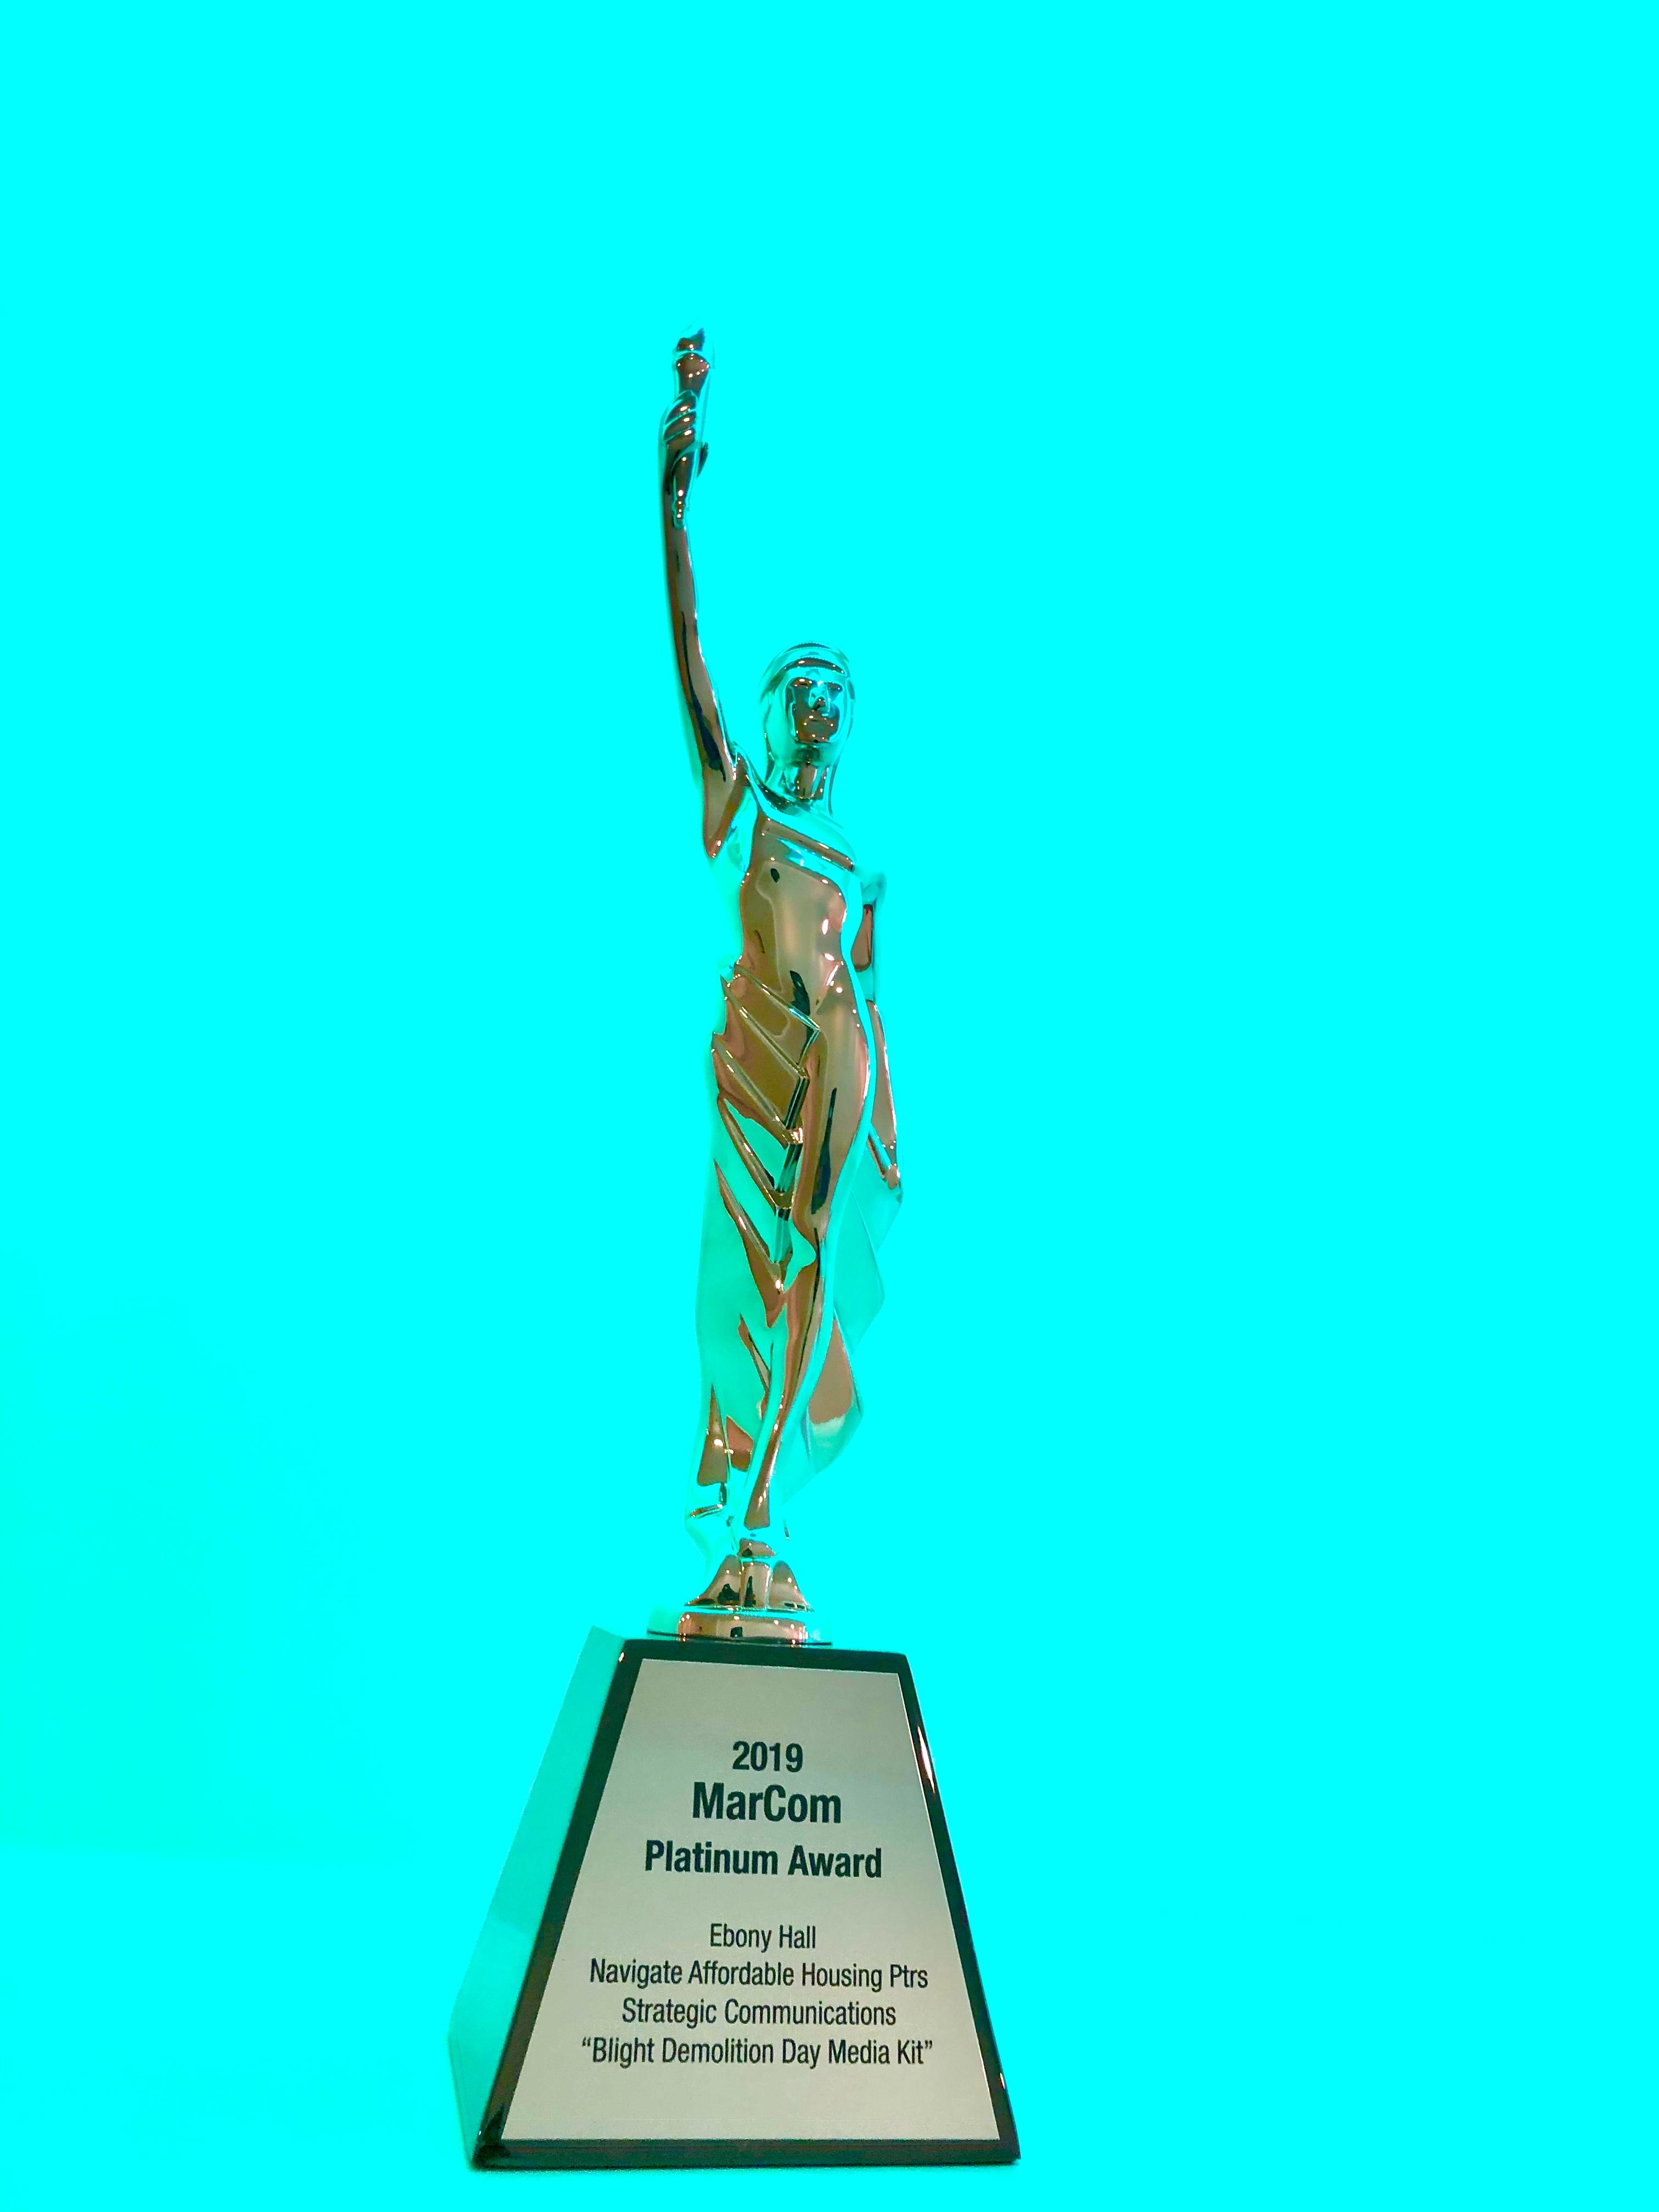 ebony hall, award